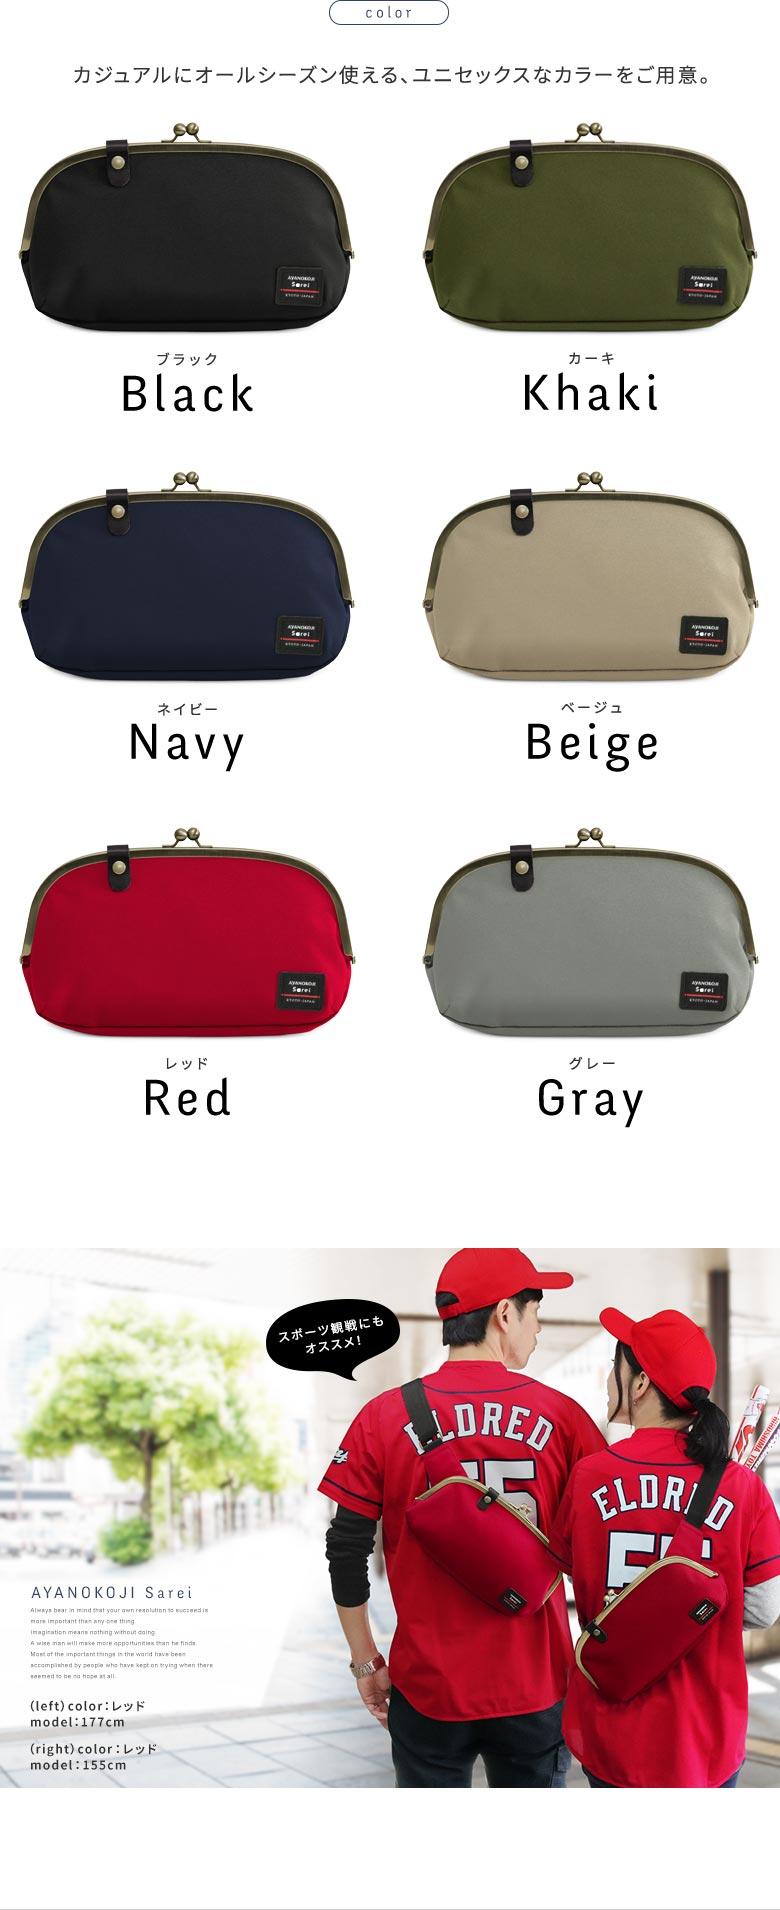 AYANOKOJI Sarei くし型がま口ボディバッグ Black(ブラック) Khaki(カーキ) Navy(ネイビー) Beige(ベージュ) Red(レッド) Grey(グレー) アイテムコーディネートイメージ(レッド)